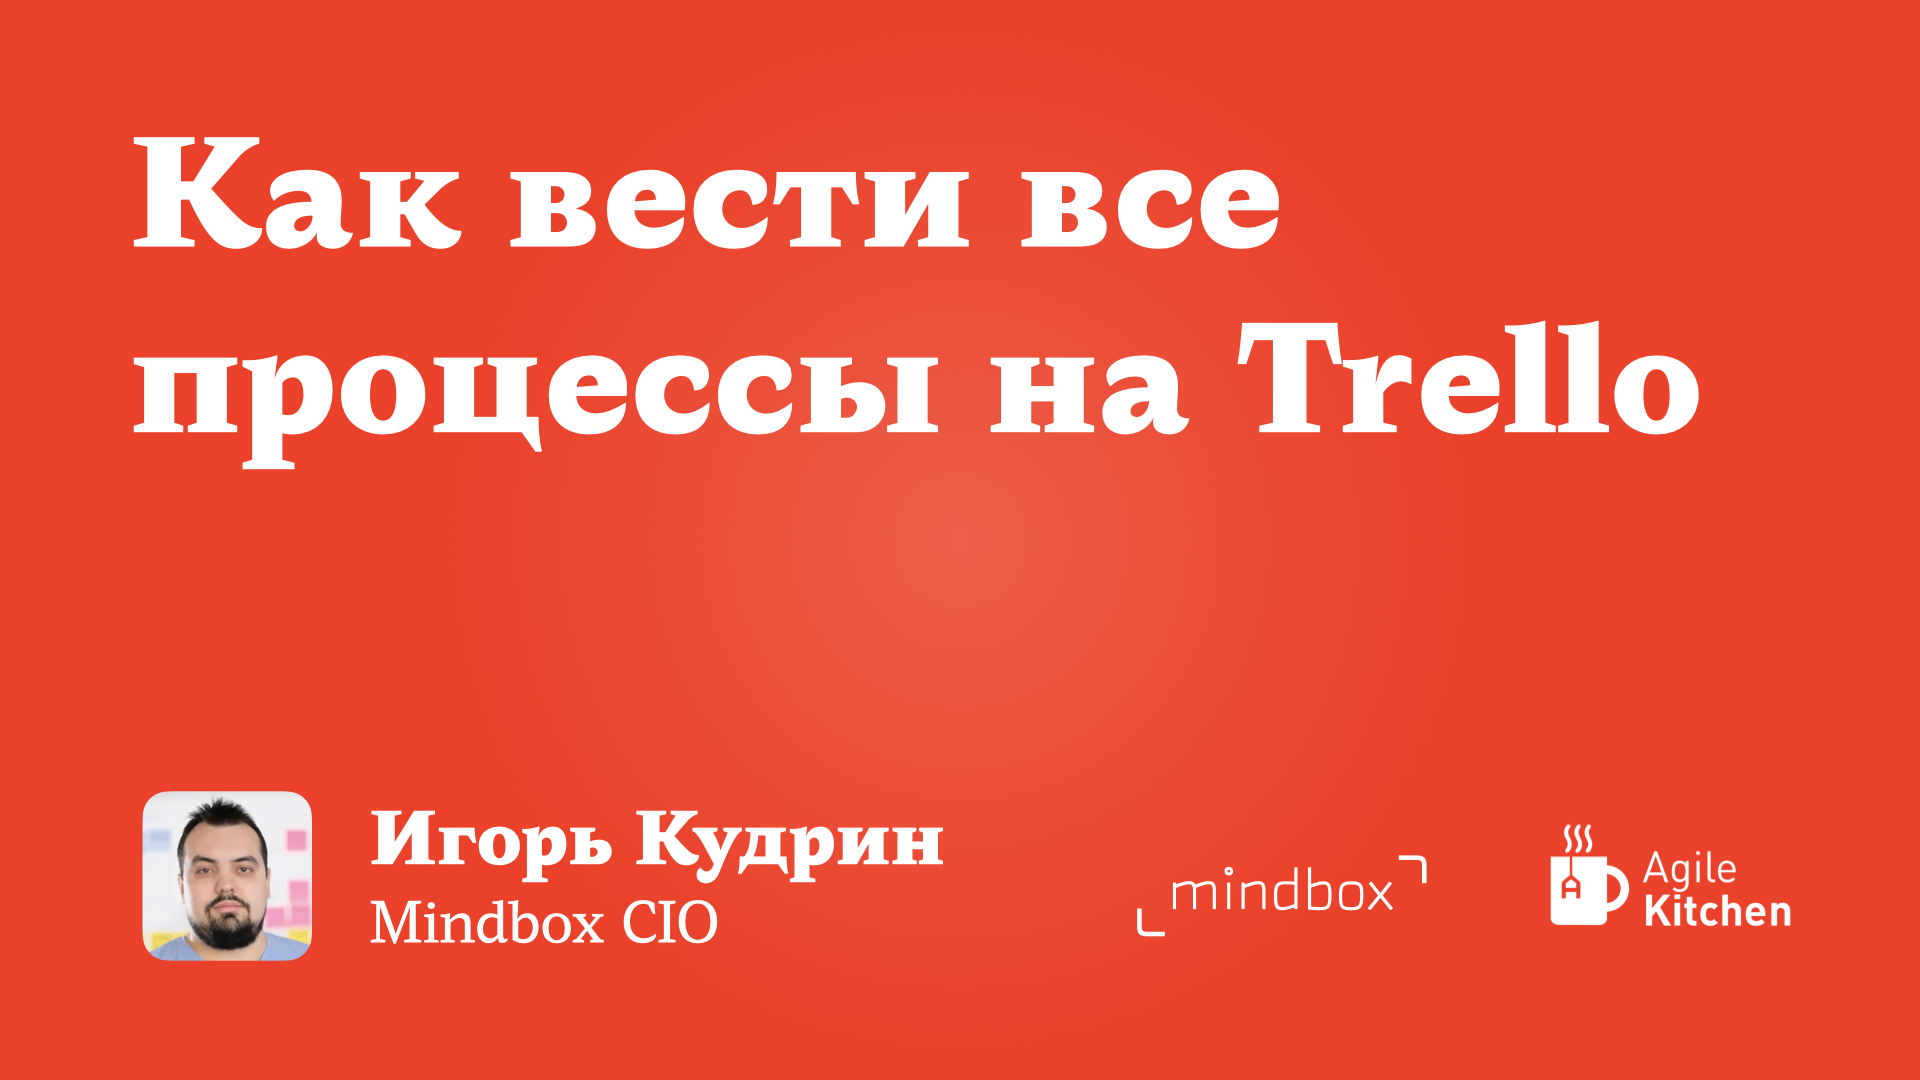 Выступление Игоря Кудрина, Mindbox CIO, на Agile Kitchen